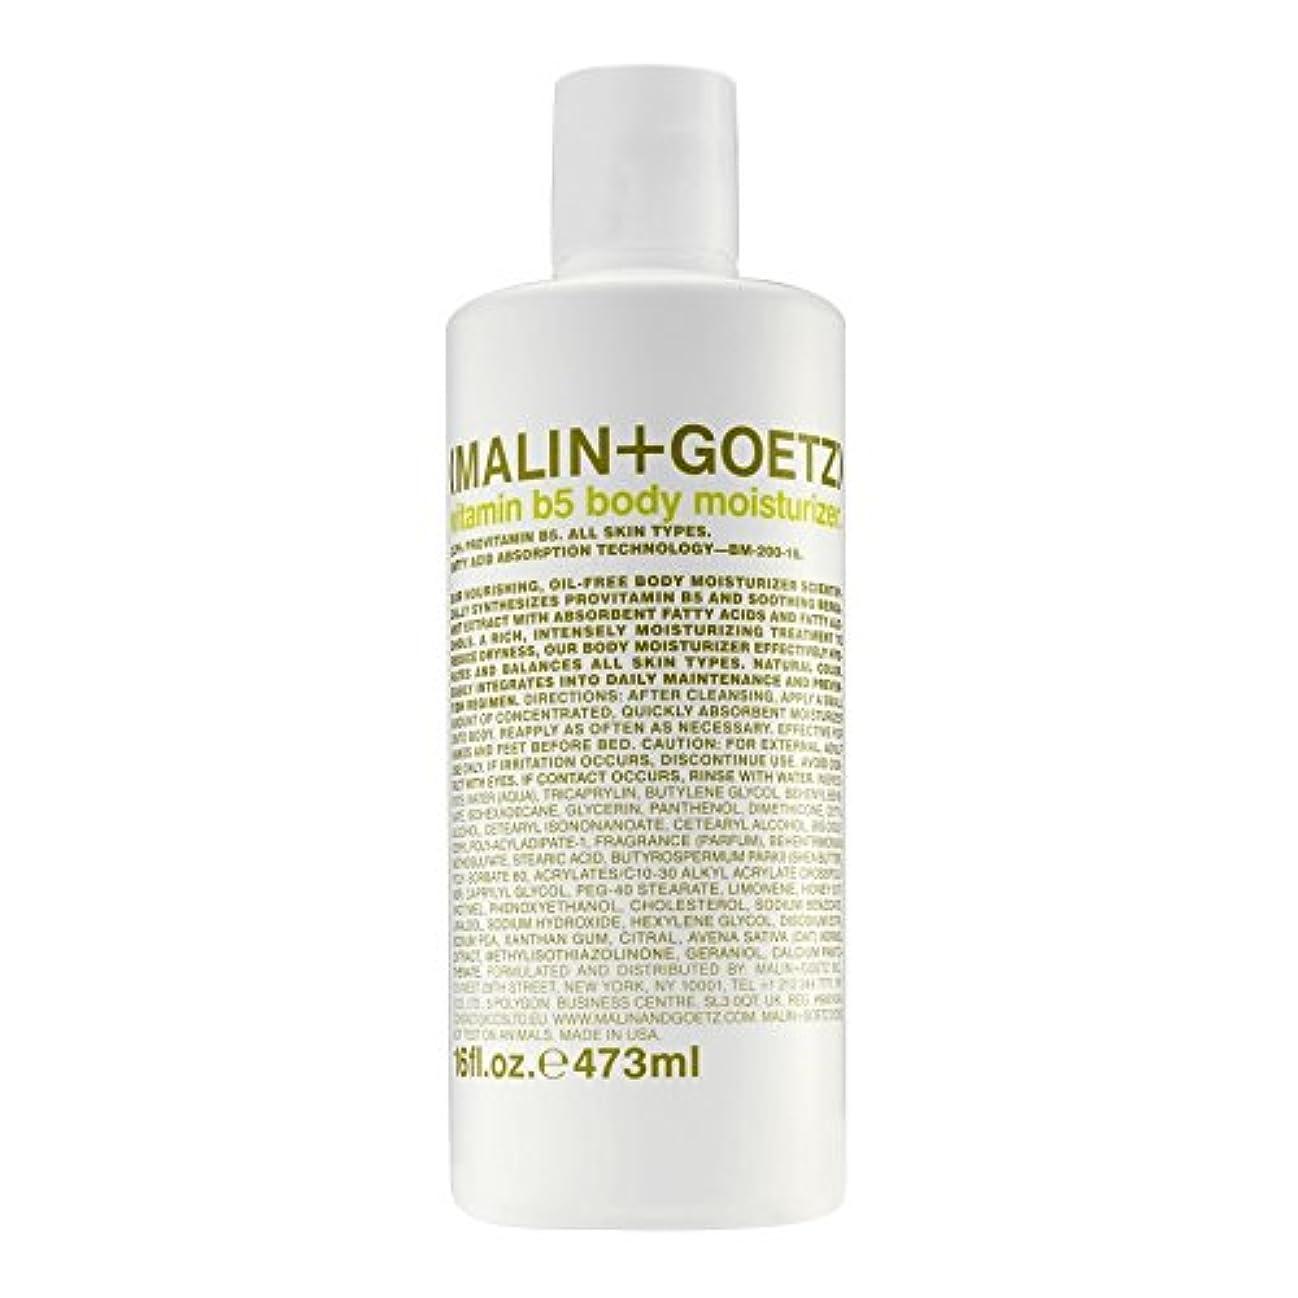 遺産適格人道的マリン+ゲッツビタミン5ボディモイスチャライザーの473ミリリットル x2 - MALIN+GOETZ Vitamin B5 Body Moisturiser 473ml (Pack of 2) [並行輸入品]